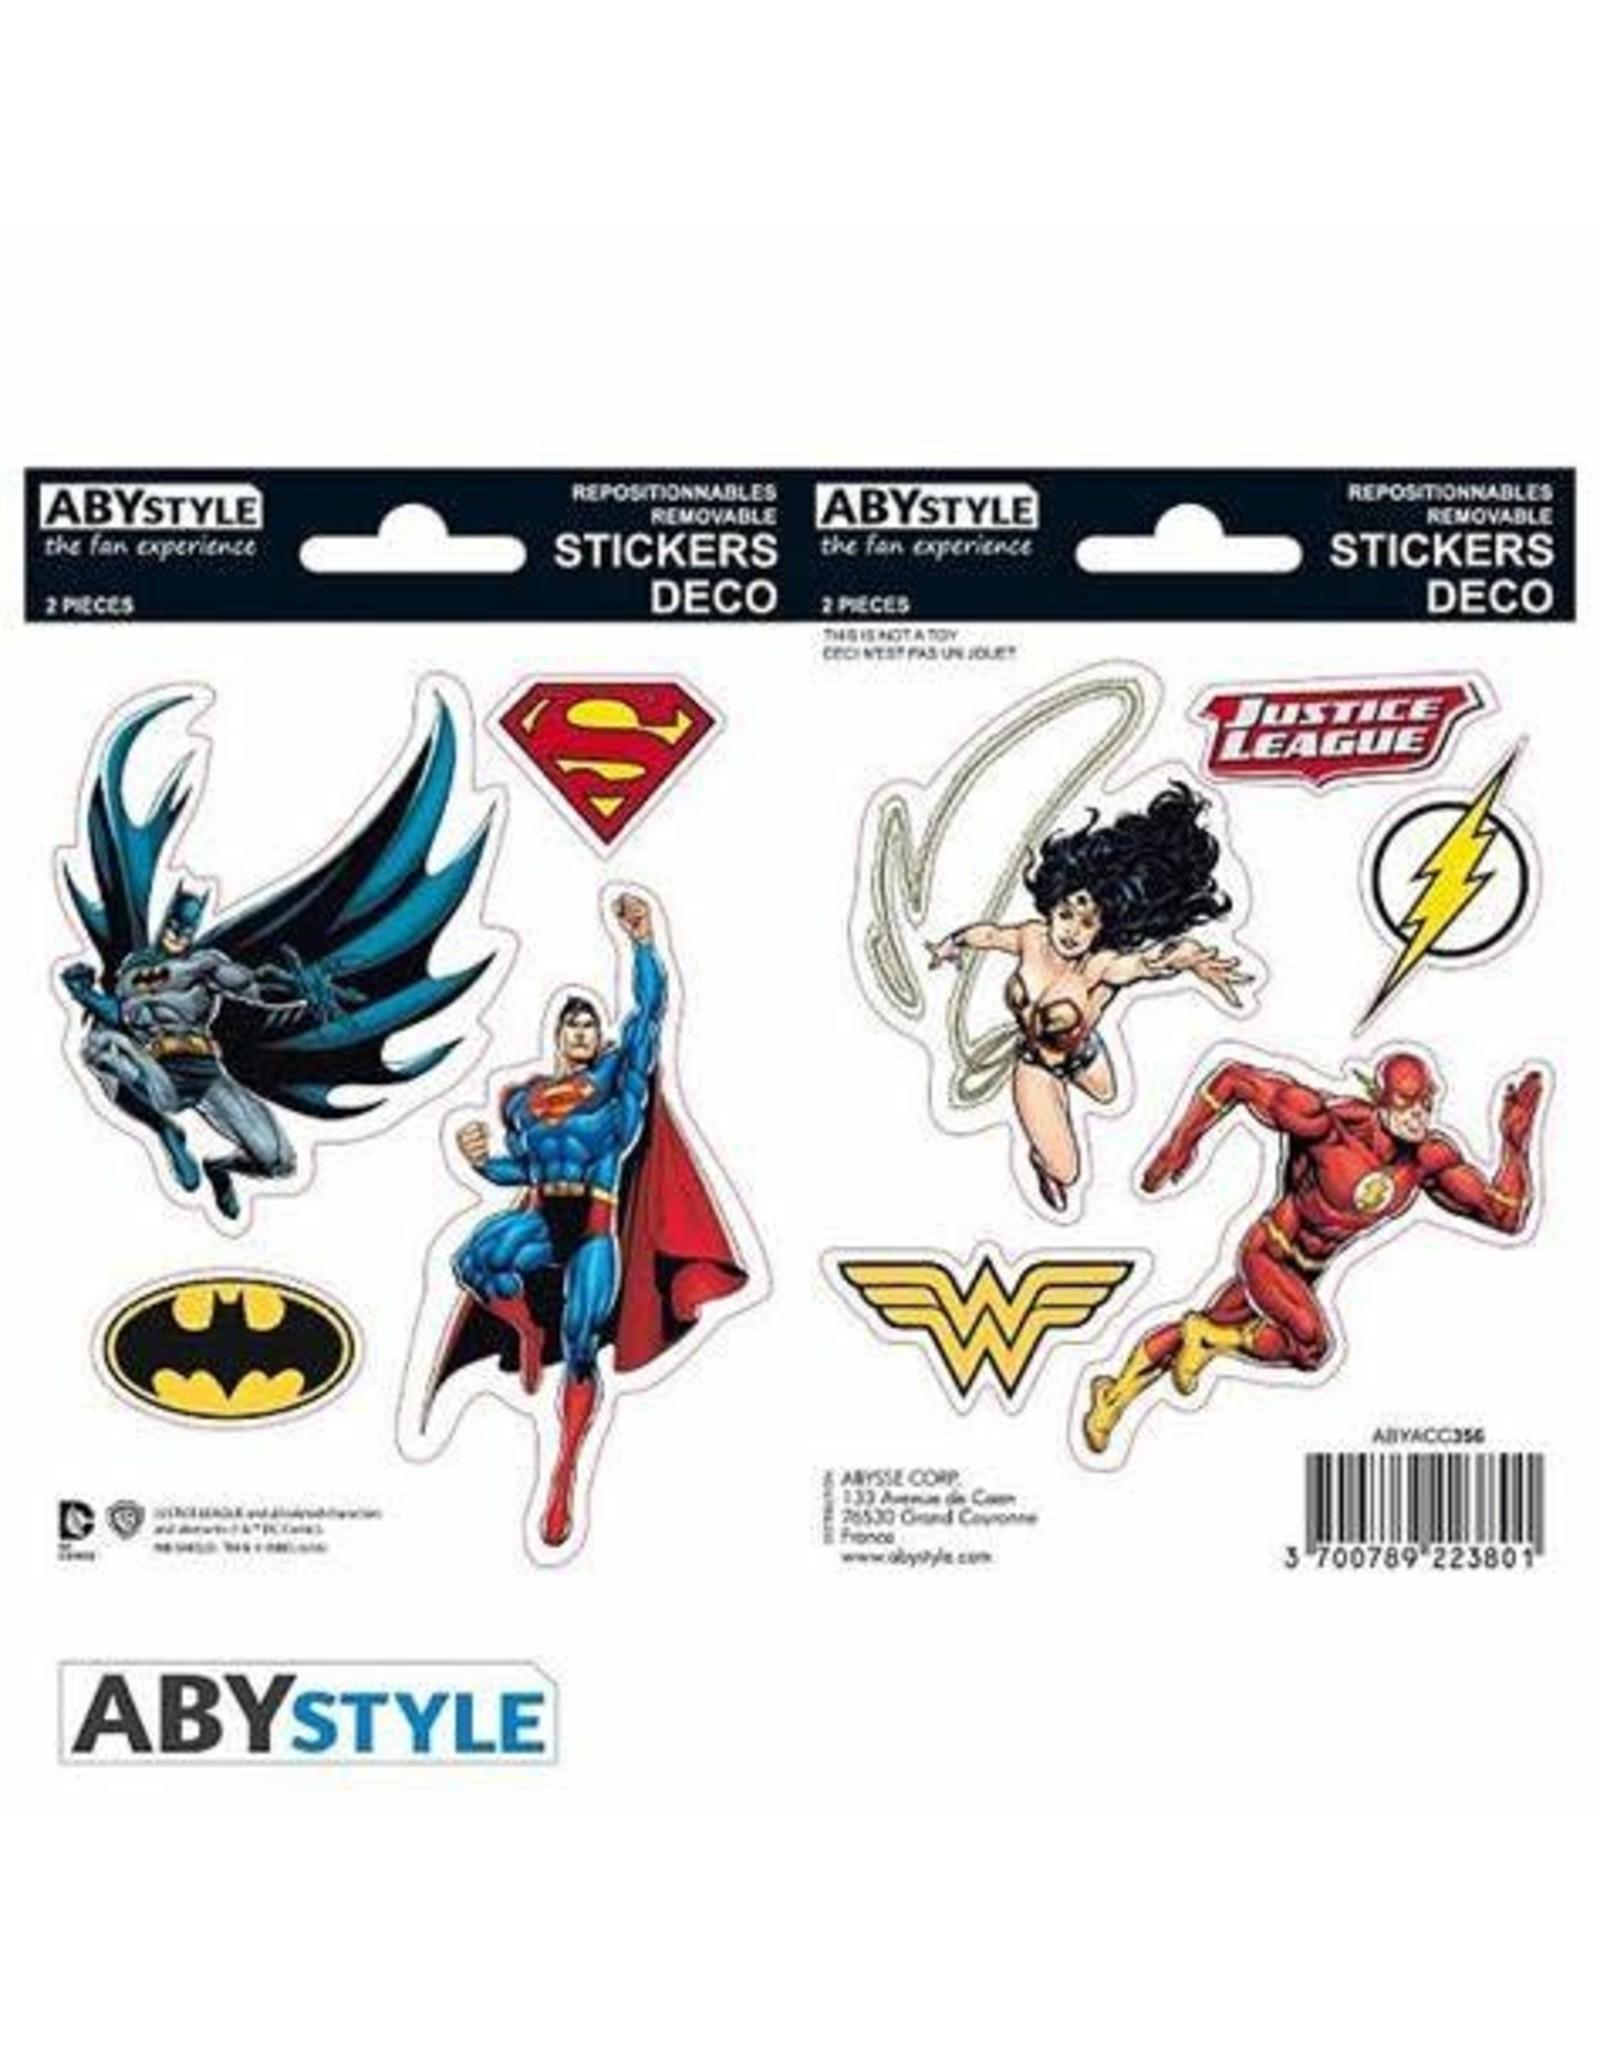 DC COMICS - Stickers - 16x11cm / 2 Sheets - JUSTICE LEAGUE